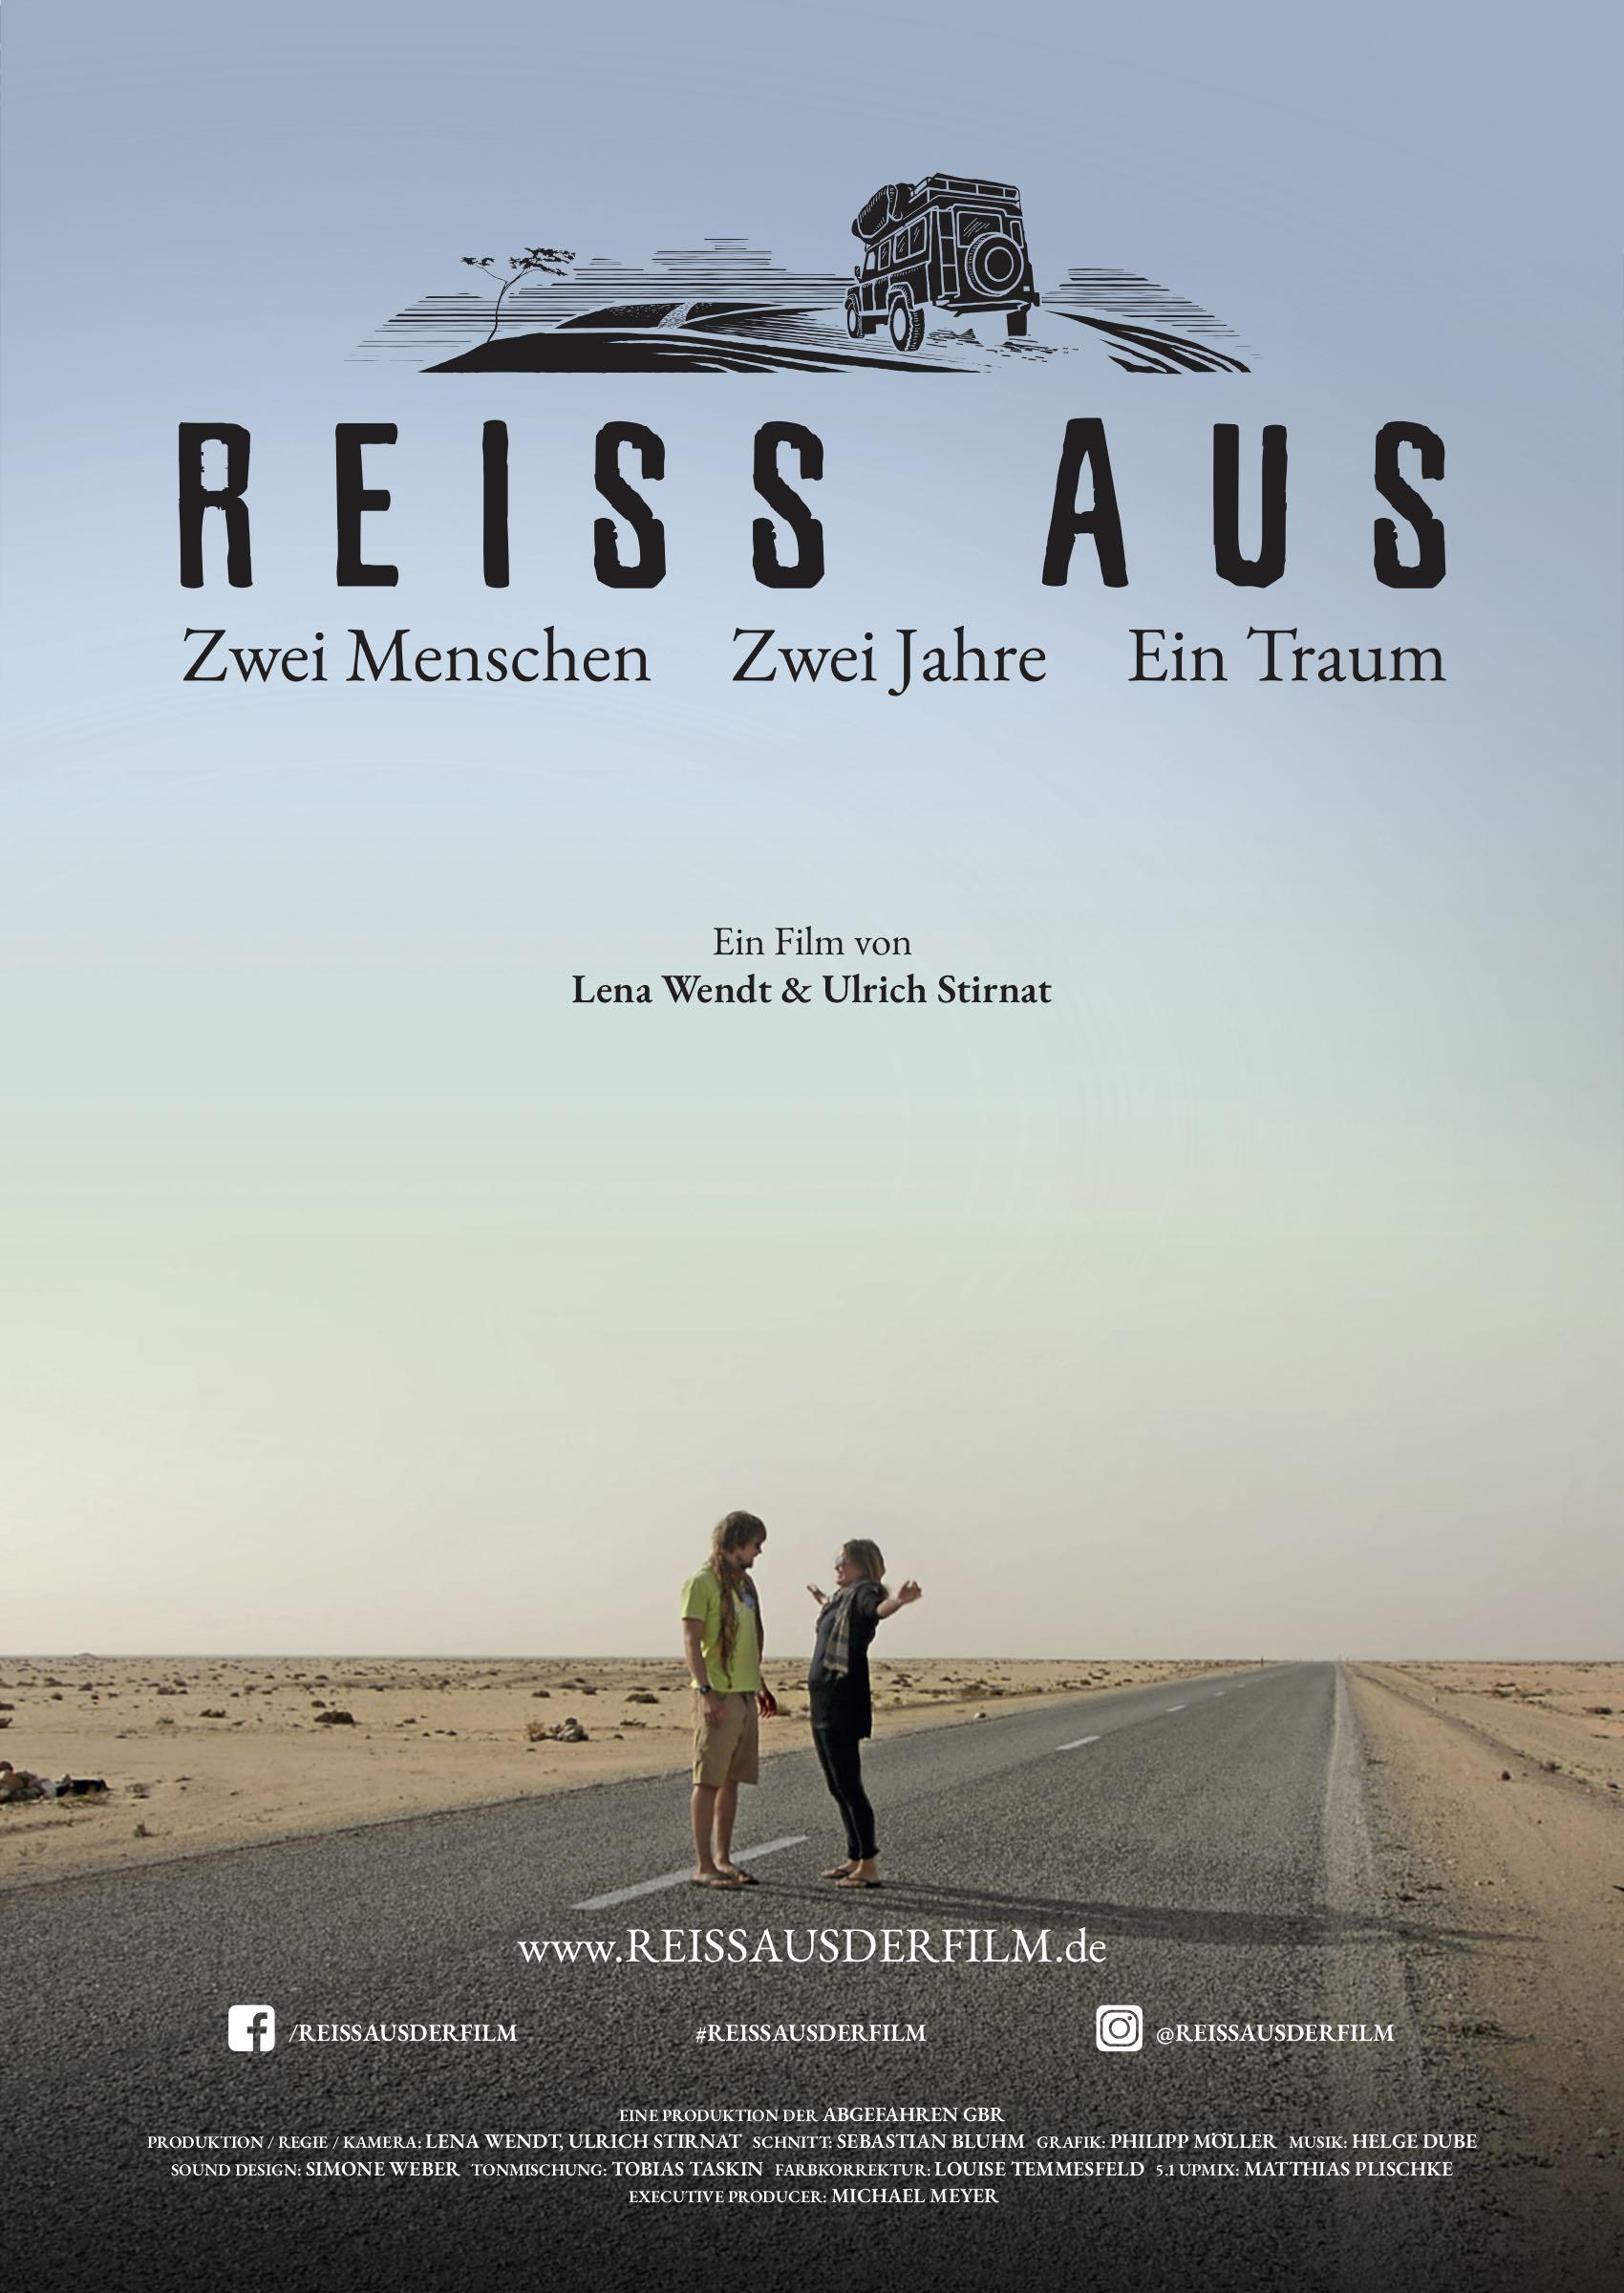 REISS AUS Filmplakat